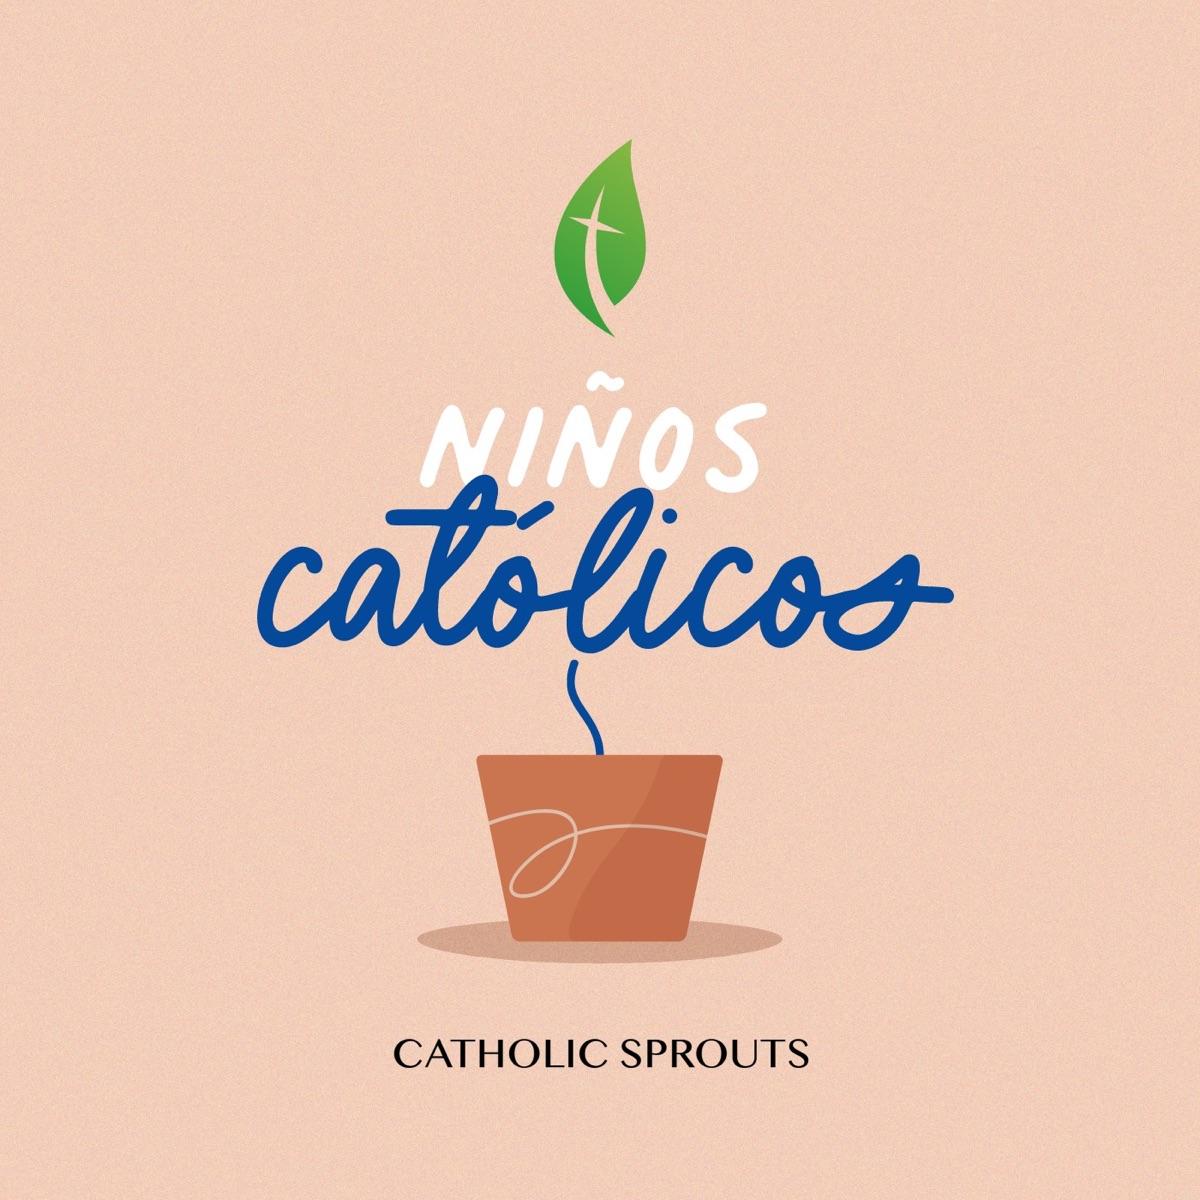 Niños Católicos +Catholic Sprouts en español+